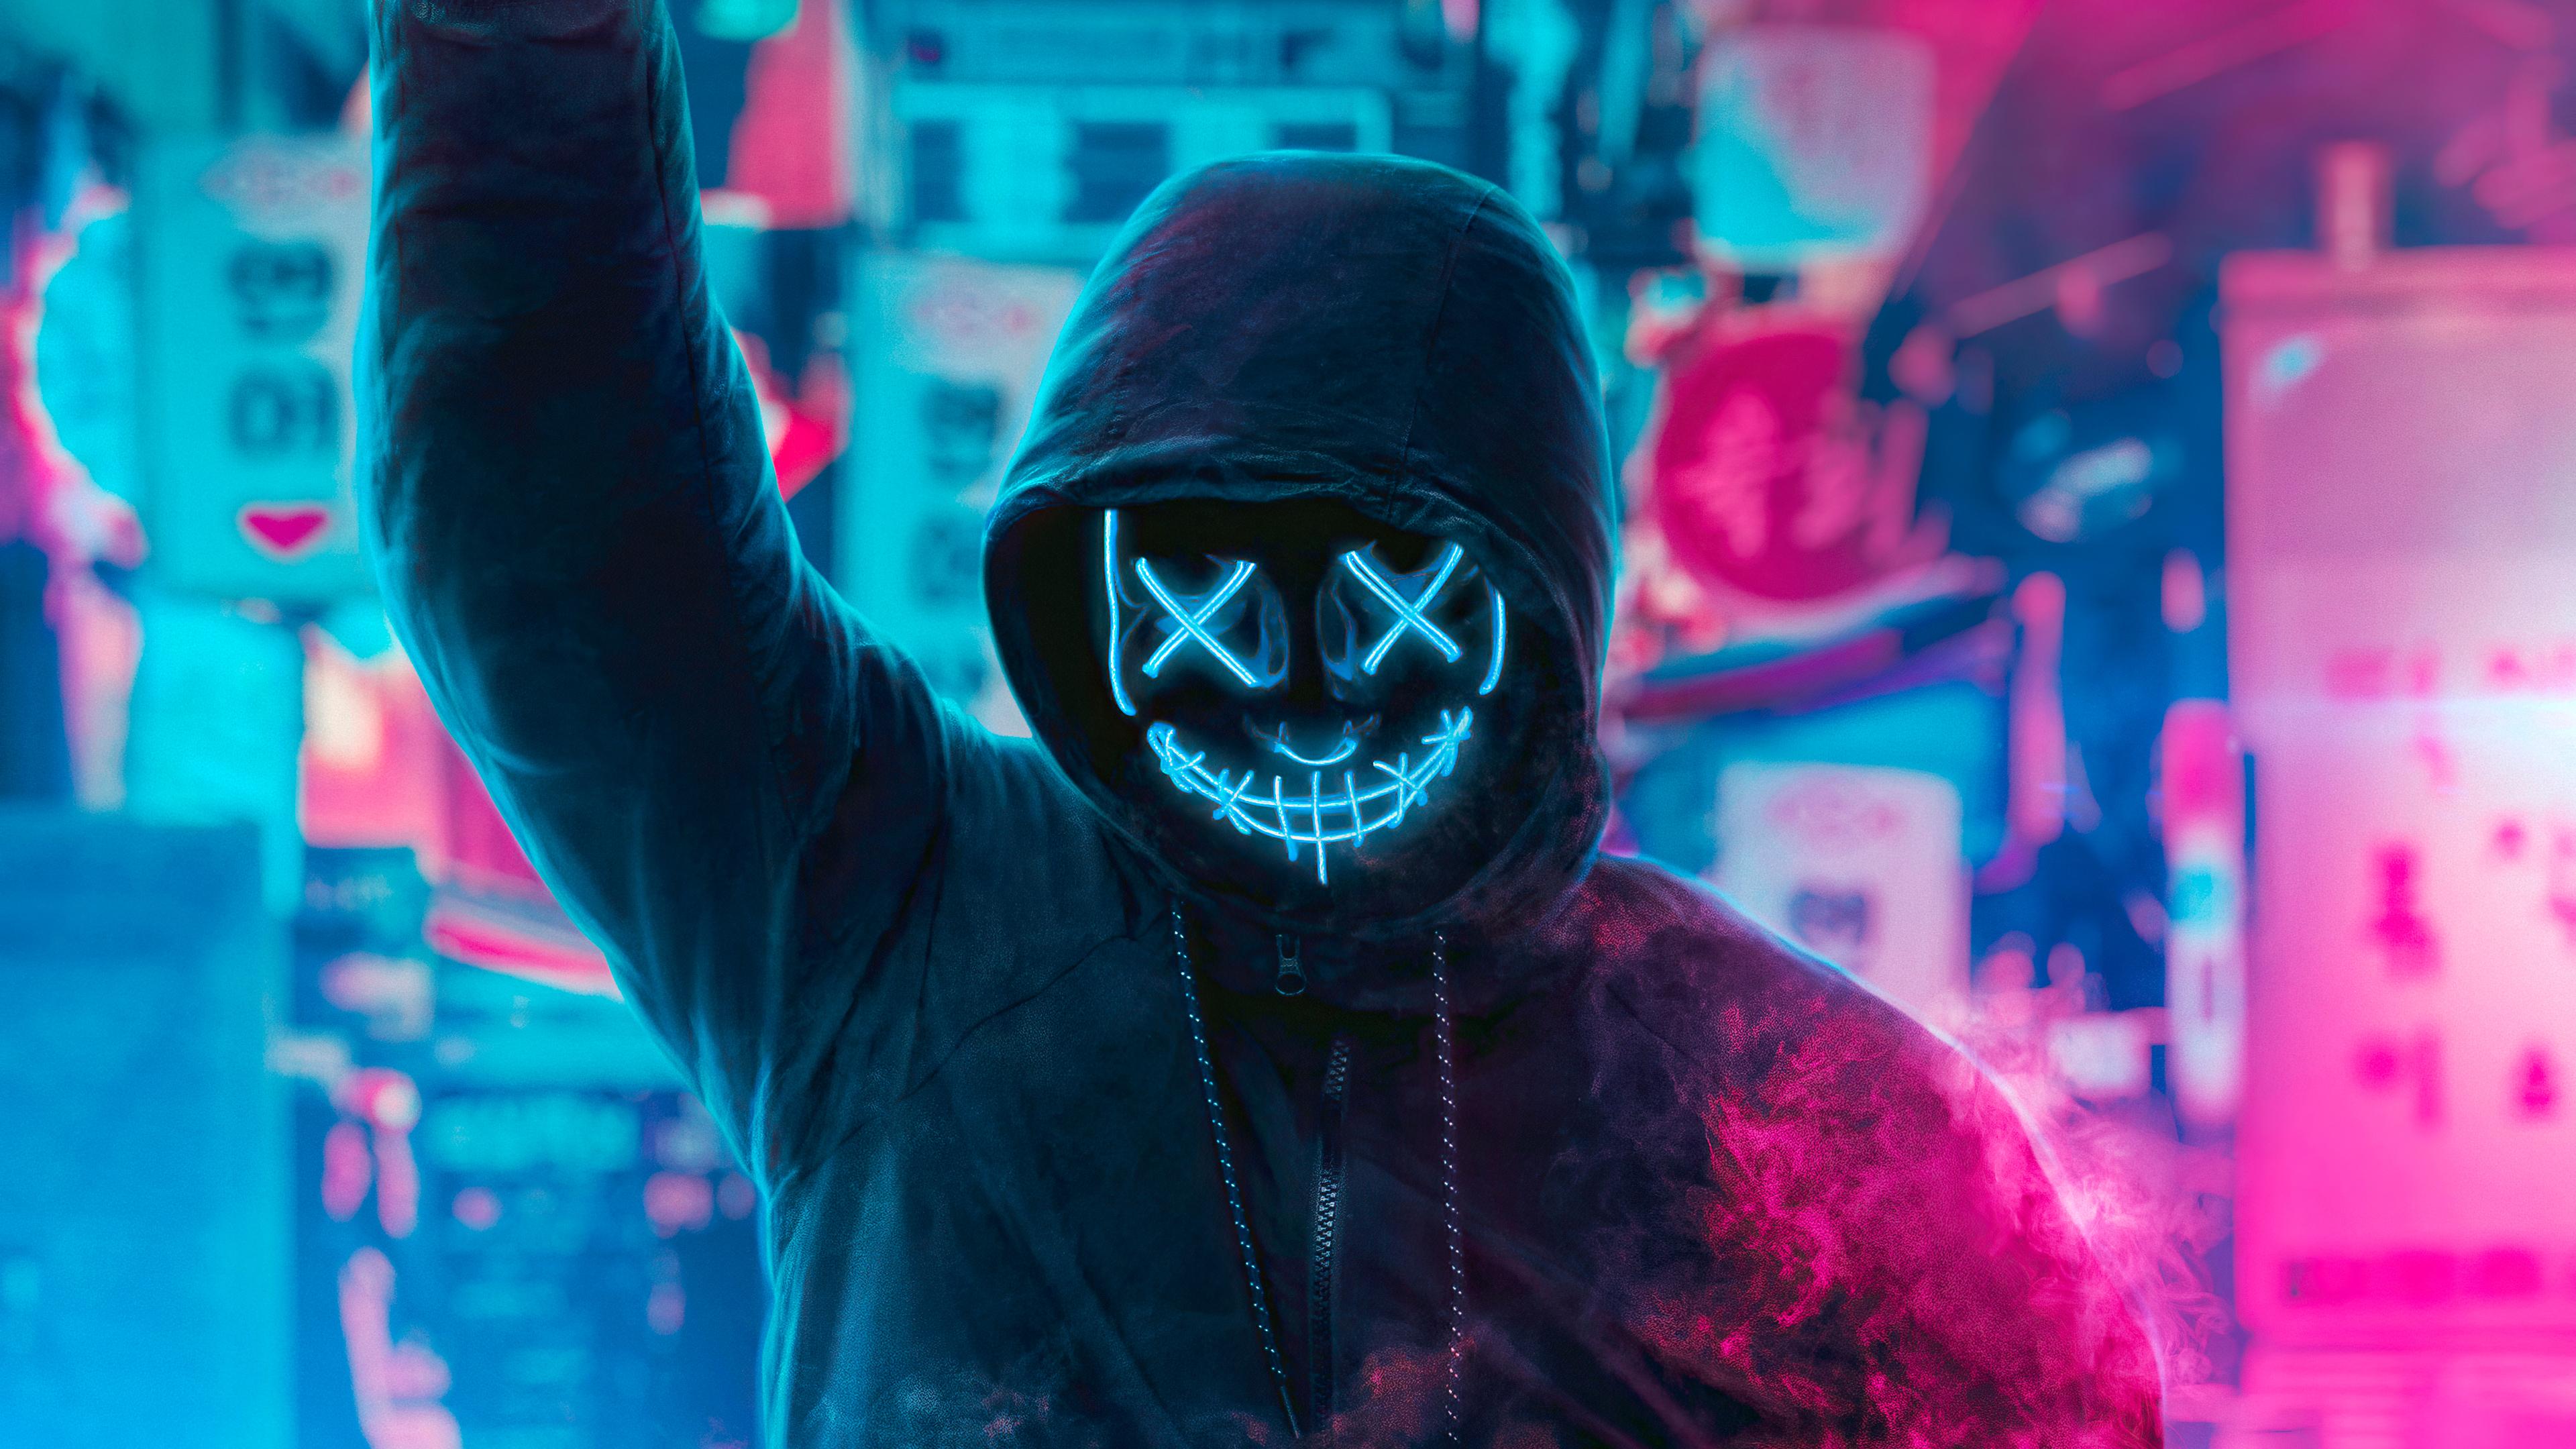 mask guy neon man with smoke bomb 4k 1616093496 - Mask Guy Neon Man With Smoke Bomb 4k - Mask Guy Neon Man With Smoke Bomb 4k wallpapers